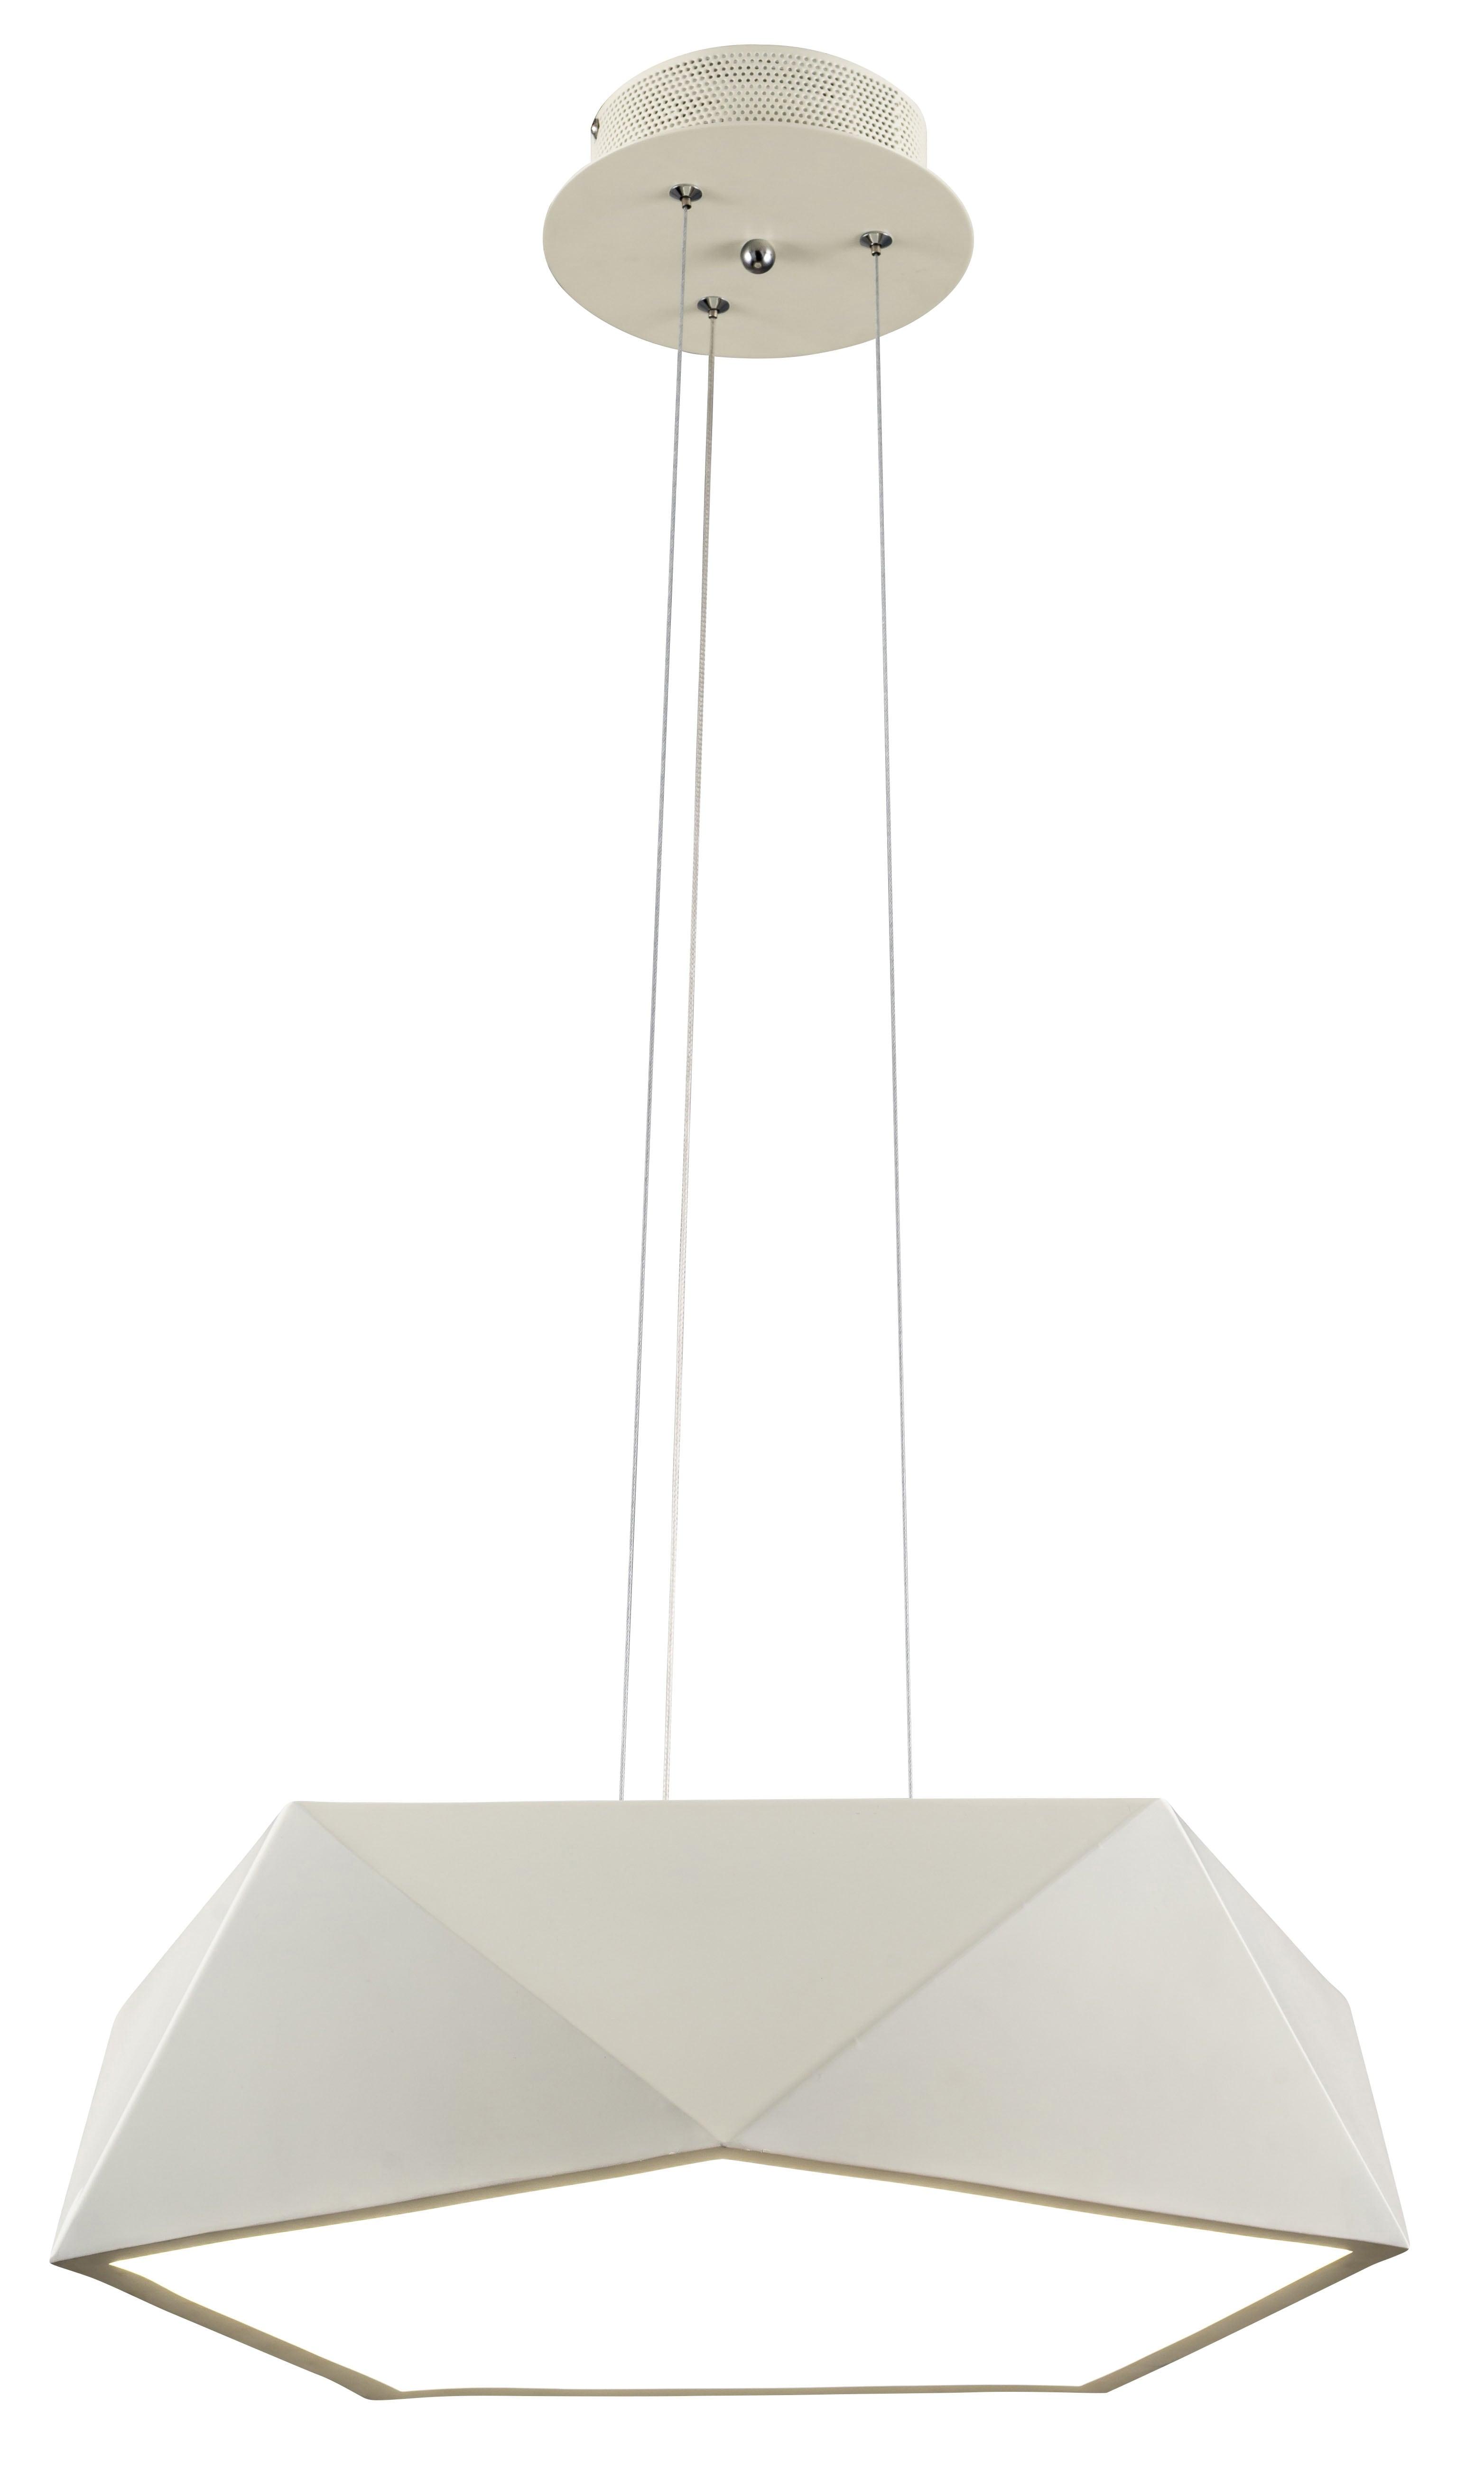 Loftowa Lampa wisząca Arca biały LED 24W